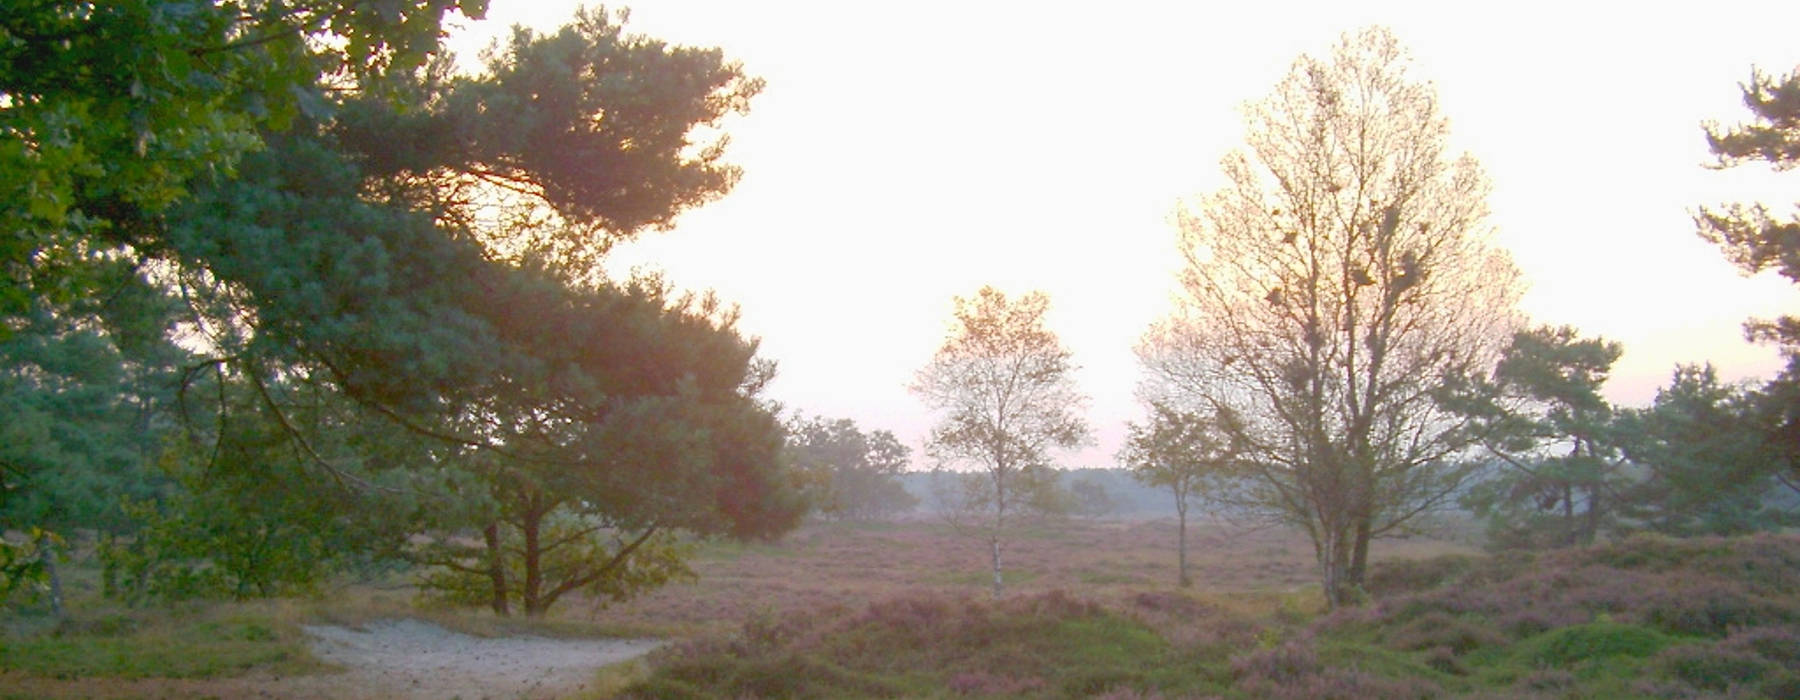 Nijs Gemeente Opsterlan - Heide